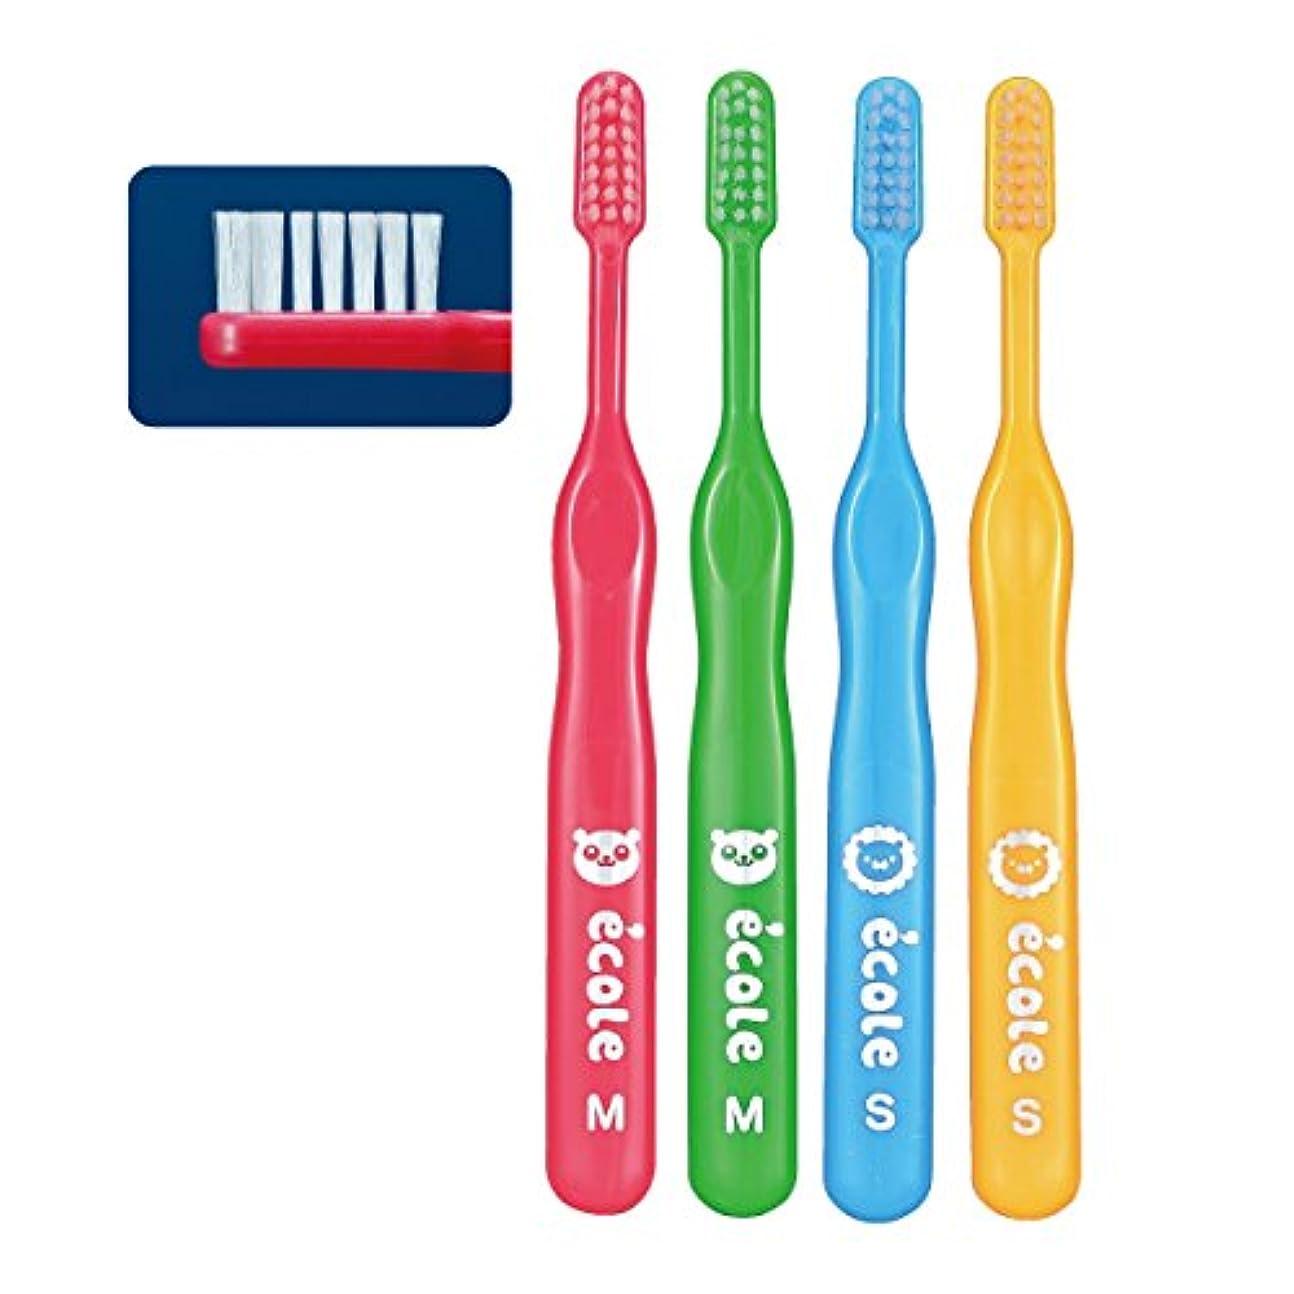 オフ抵当ピストンリセラ エコル 幼児~小学生用歯ブラシ Mふつう 4本入り